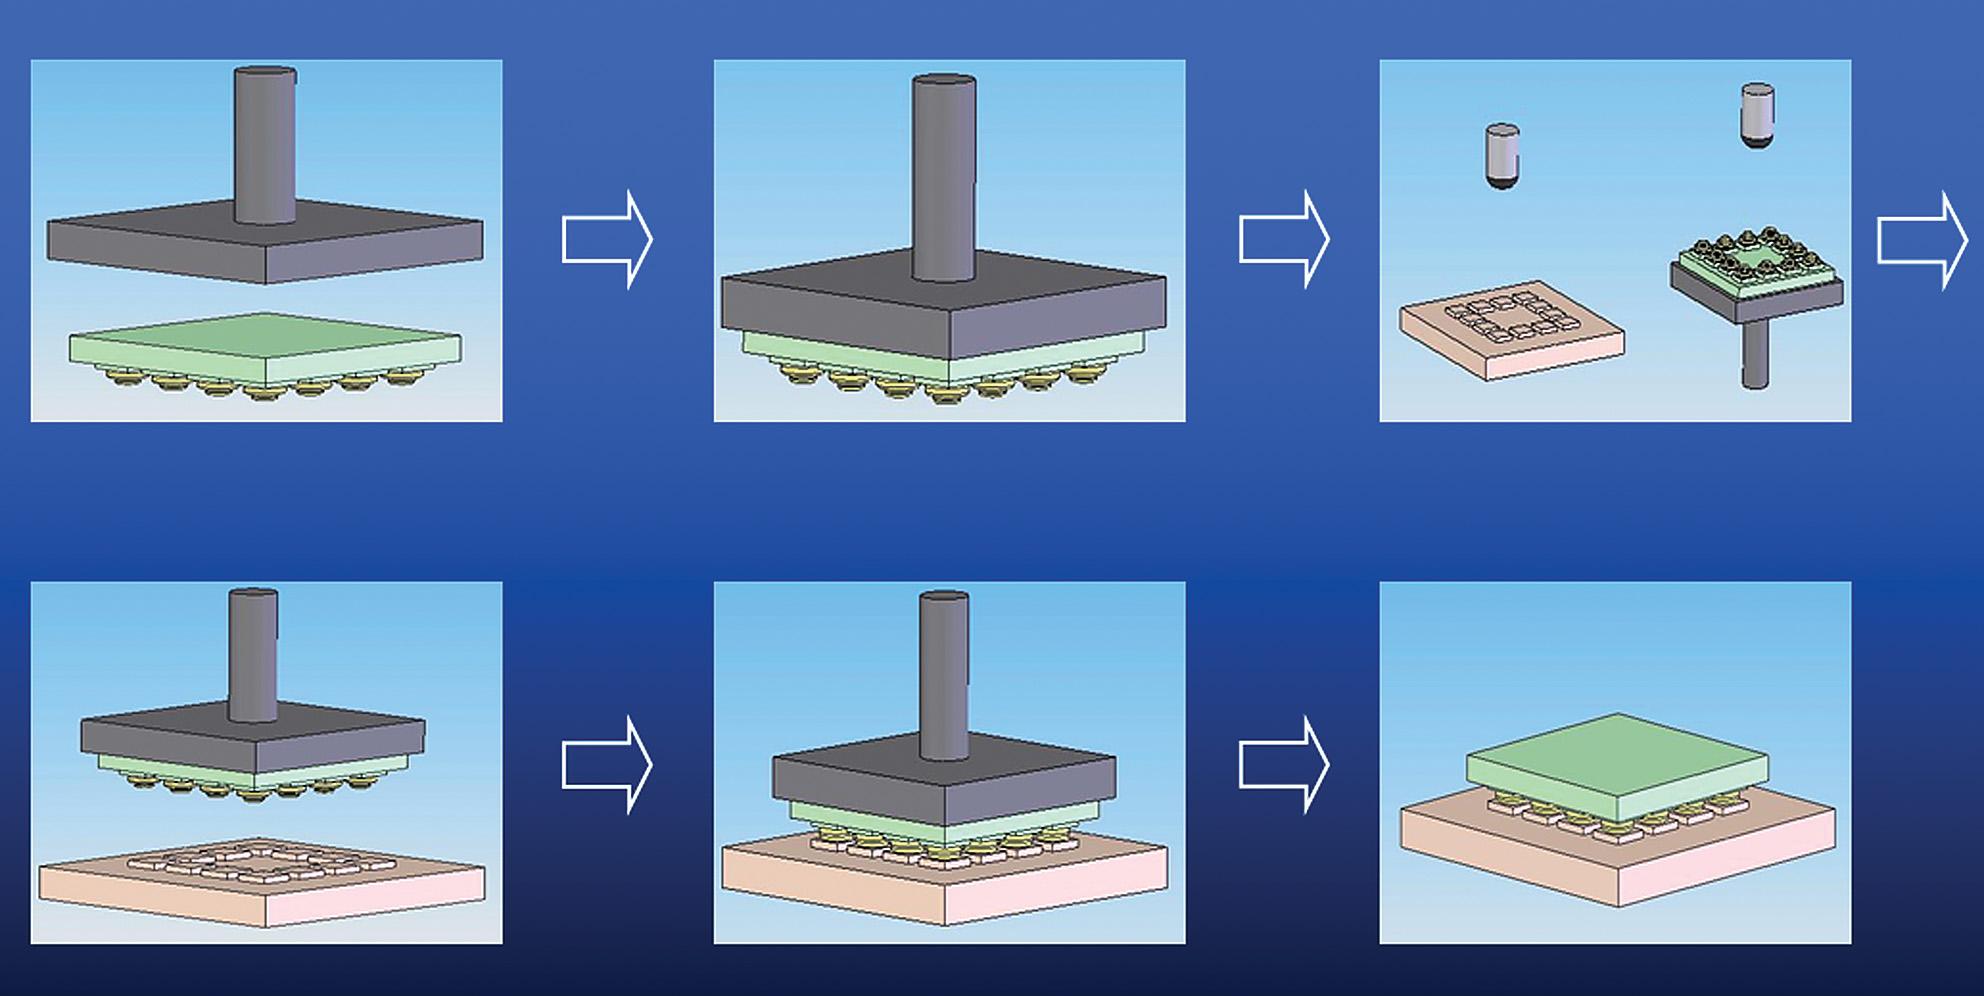 Технология присоединения кристаллов методом Flip-Chip